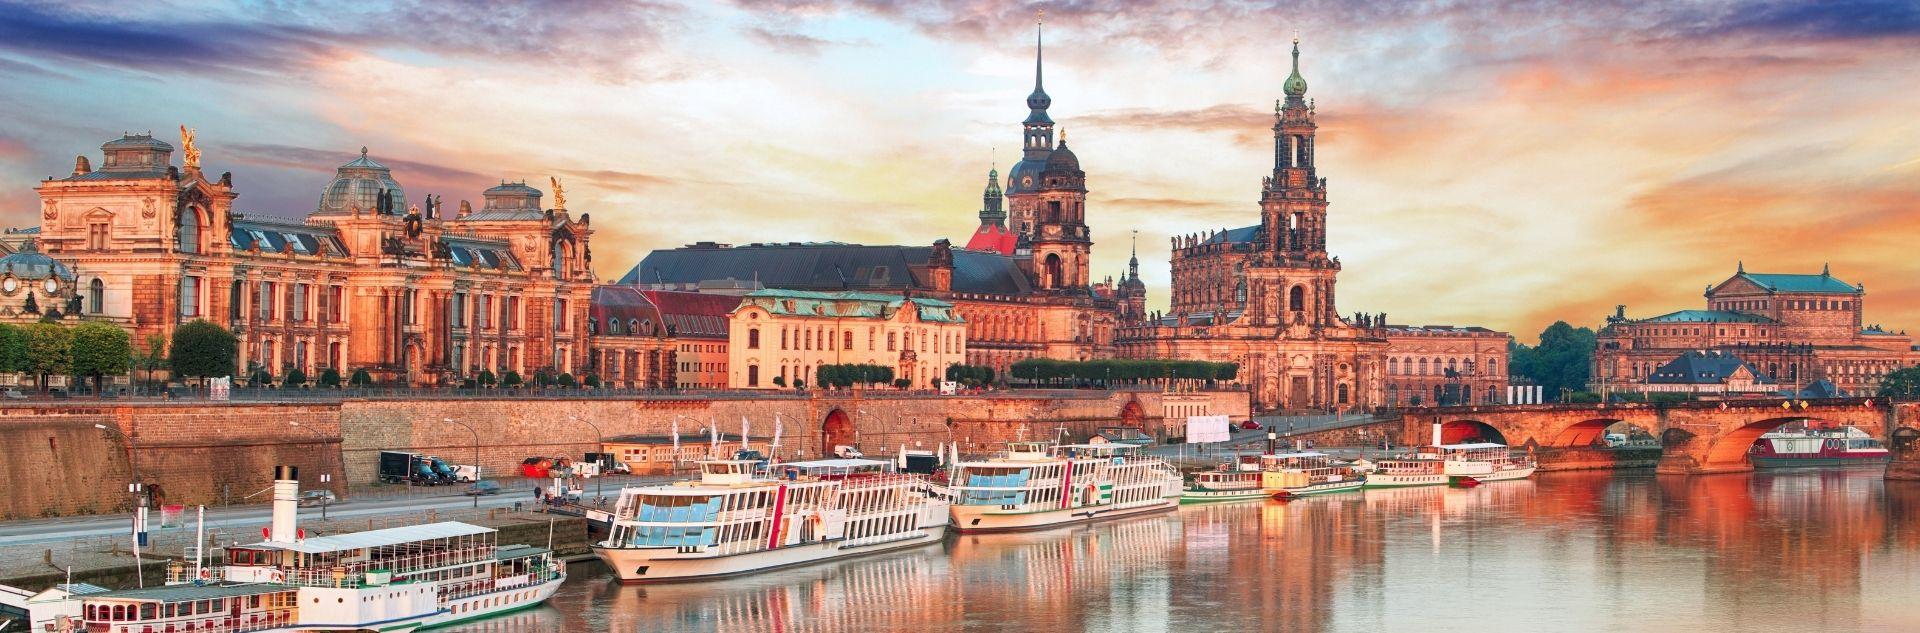 Geschäftreise planen - Dresden Skyline